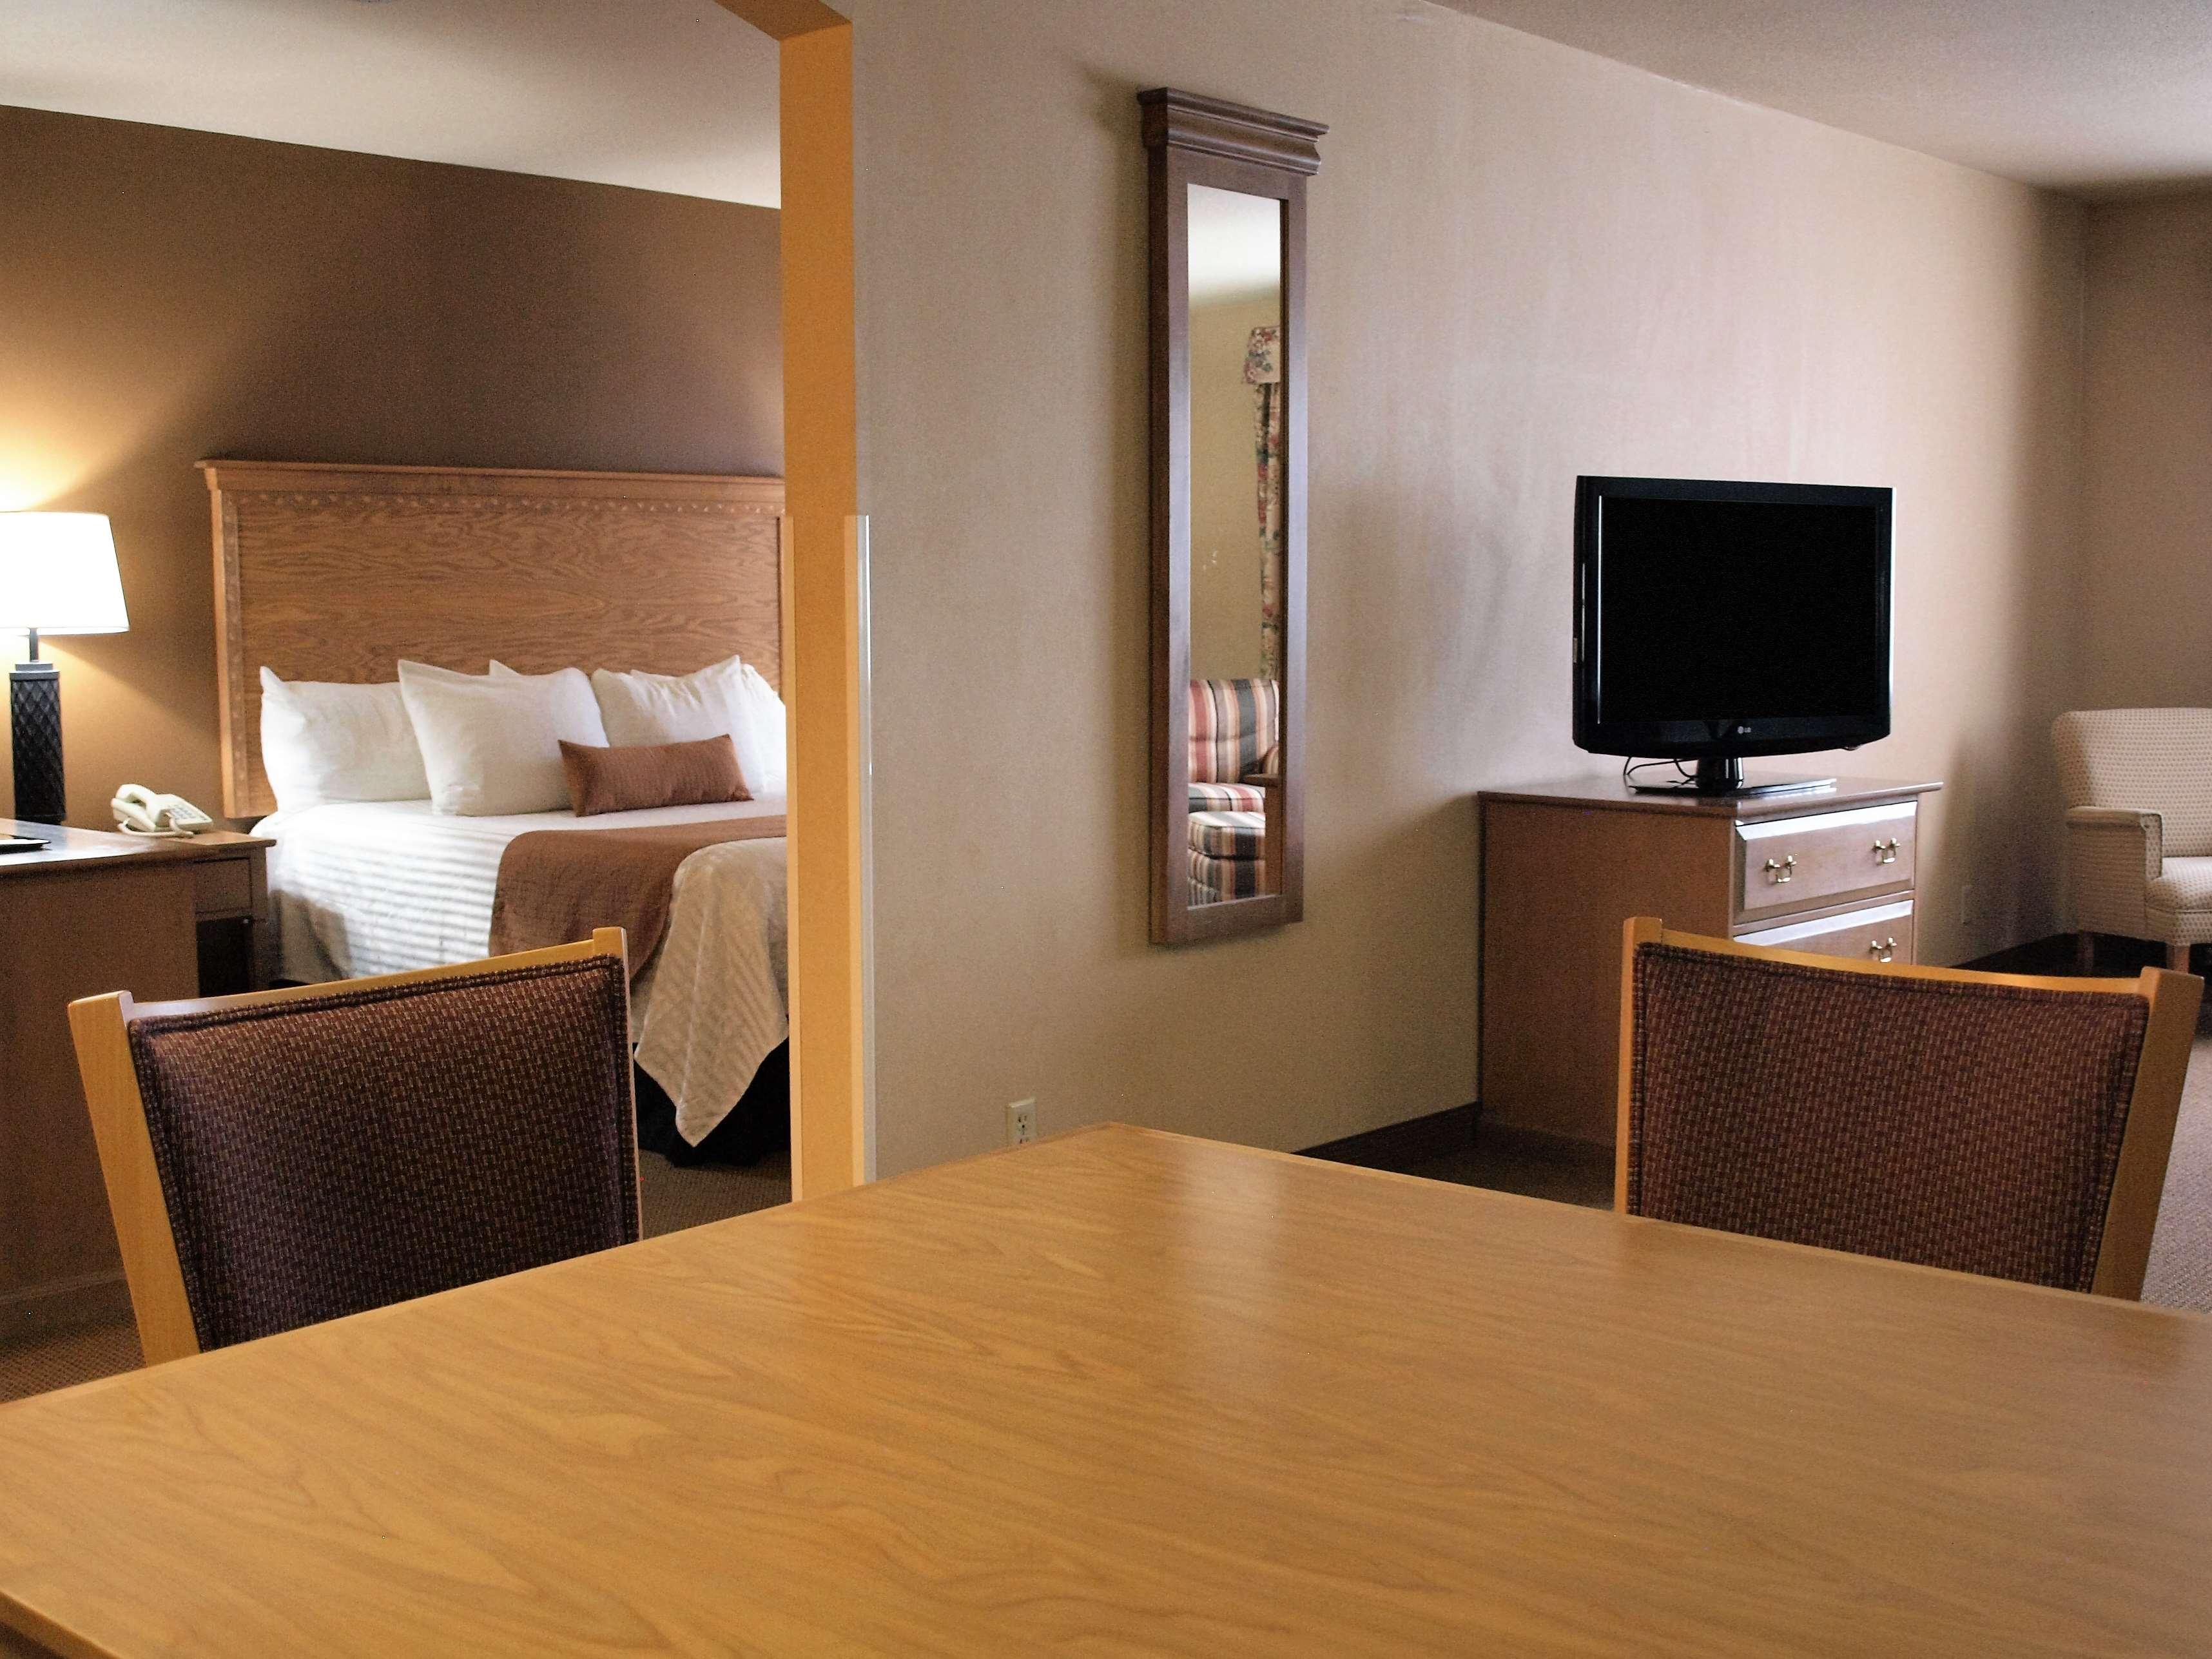 Best Western Plus Caldwell Inn & Suites image 29